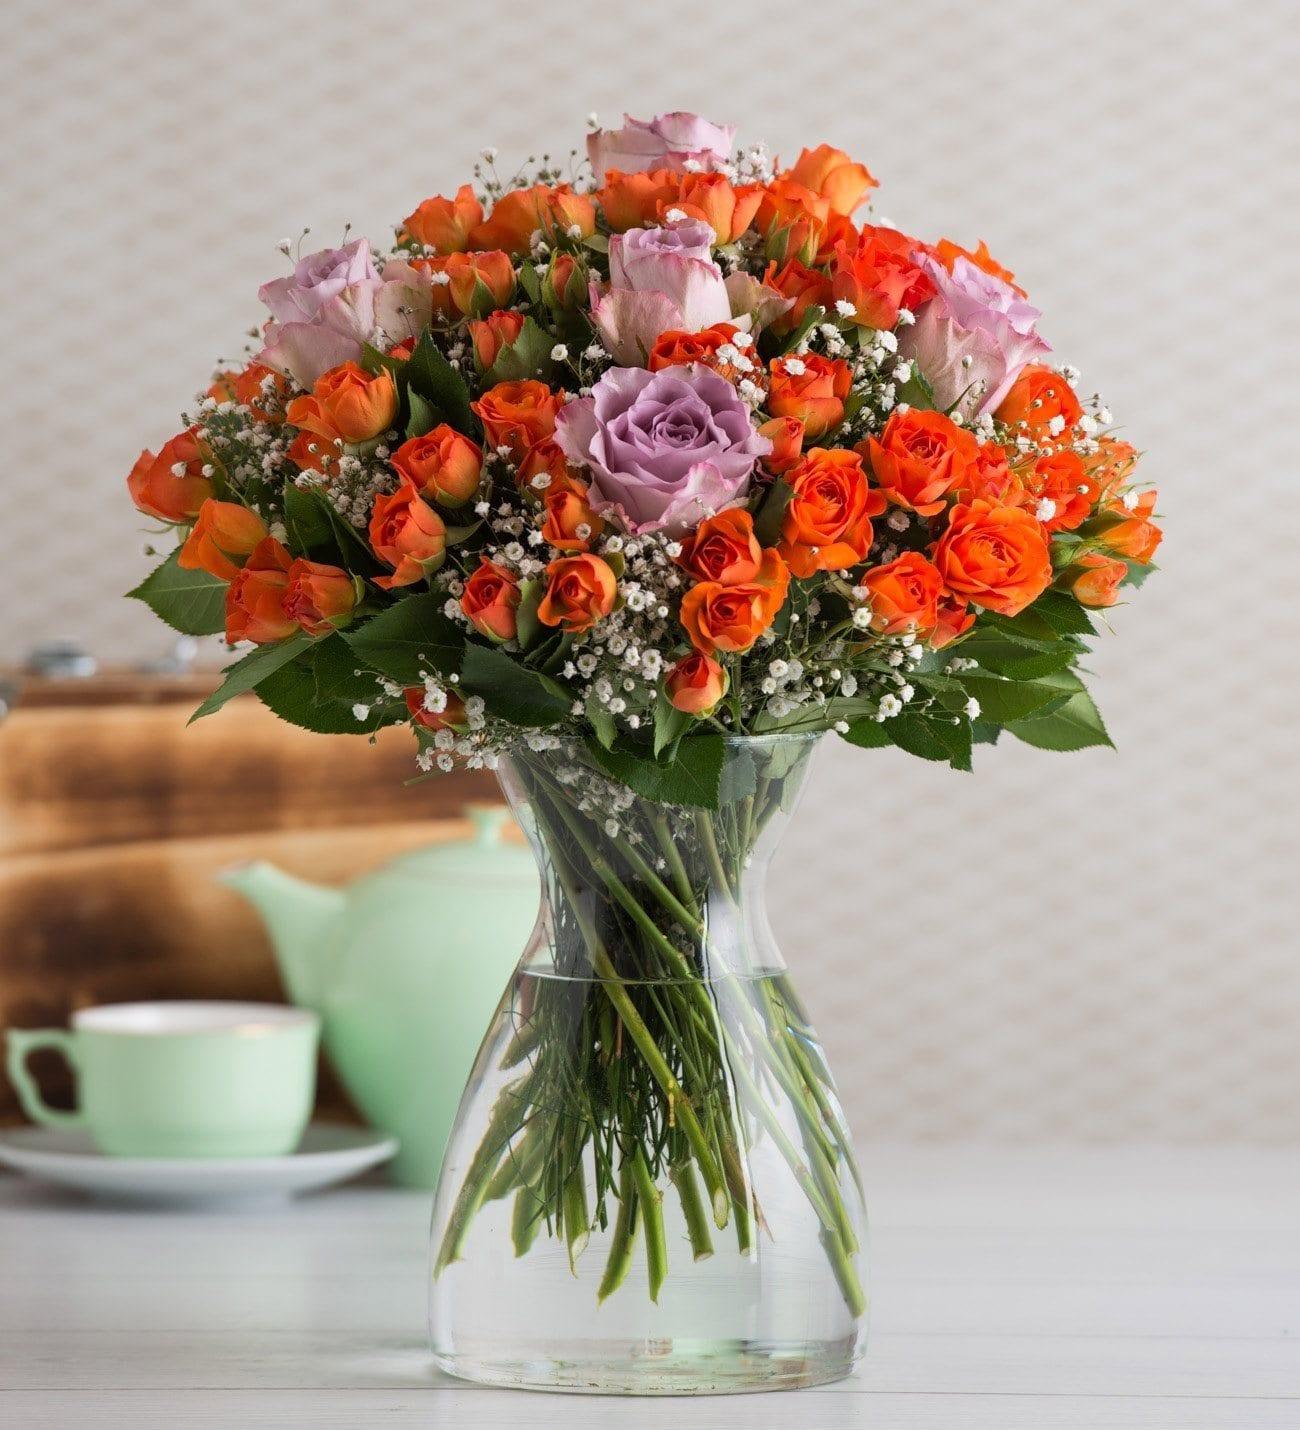 60 Rosas Ramificadas Naranjas Y 5 Rosas Lilas Destello De Verano